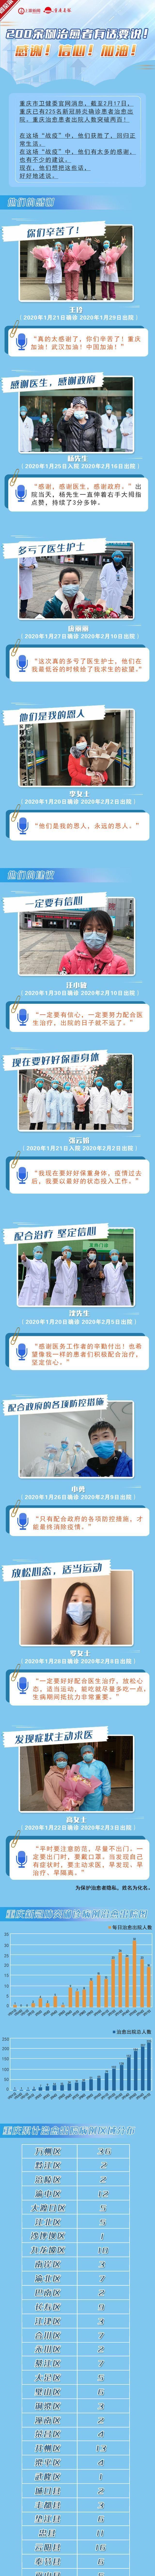 图鉴录丨重庆200余例治愈者有话要说!感谢!信心!加油!